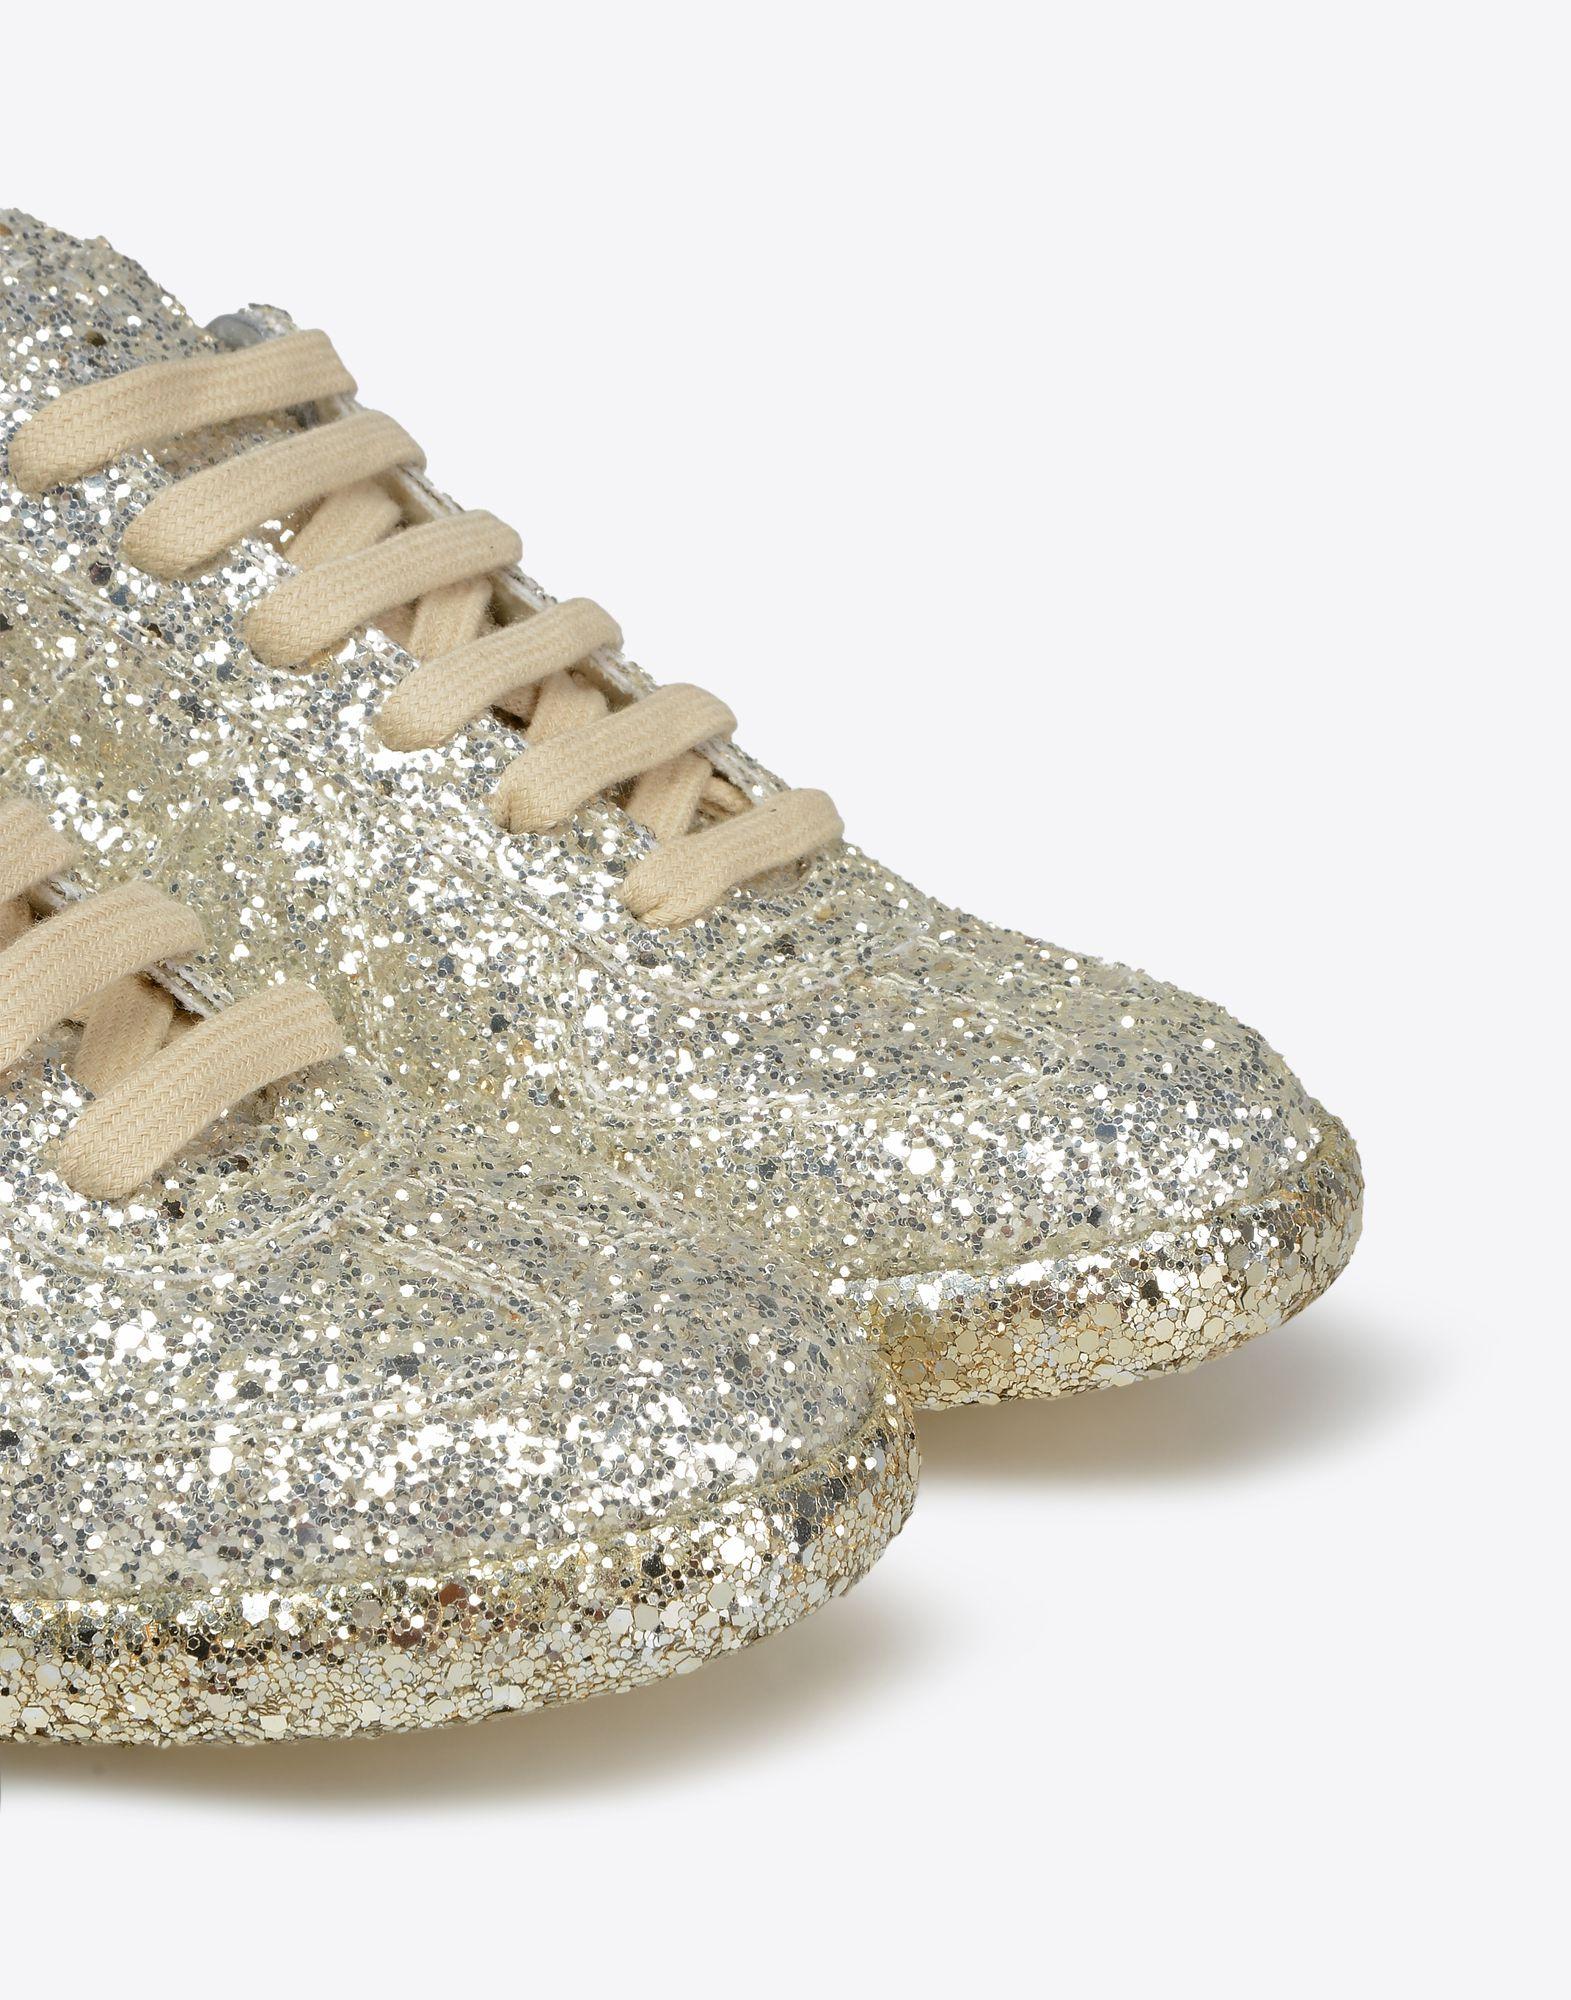 MAISON MARGIELA Sneakers «Replica» avec paillettes Sneakers Femme e